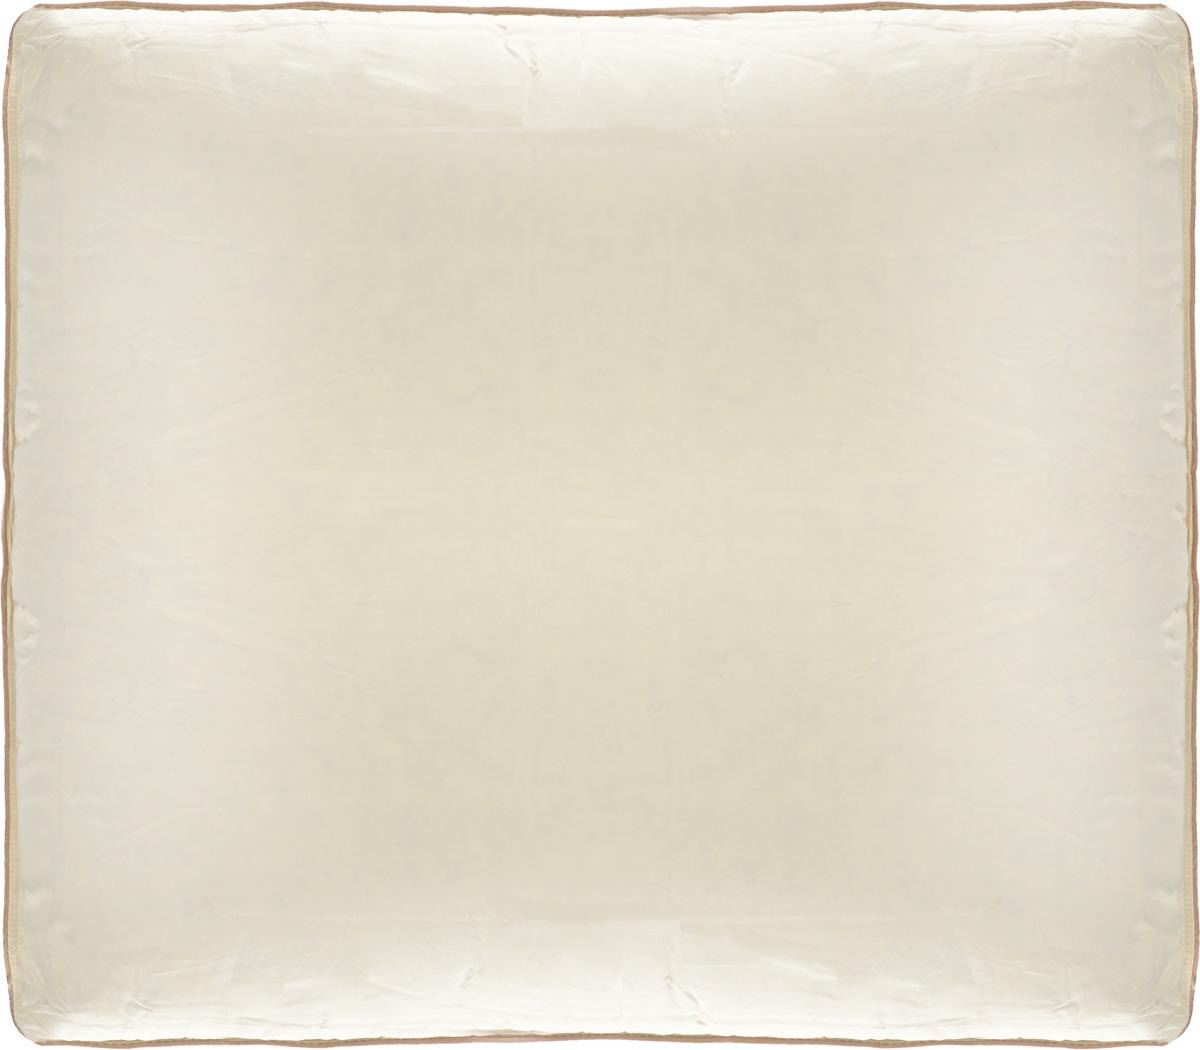 Подушка Легкие сны Bliss, наполнитель: пух сибирского гуся категории Экстра, 68 x 68 см77(17)05-ЛДПодушка Легкие сны Bliss, благодаря своему наполнителю из серого пуха сибирского гуся категории Экстра, способна удерживать тепло во время сна. Пух способствует сохранению формы и воздушности изделия. Он обеспечит здоровый и максимально комфортный сон. Чехол выполнен из батиста (100% хлопка). По краю изделие отделано атласным кантом. Подушка Легкие сны Bliss подарит вам чувство невероятного расслабления, тепла и покоя, наполняющего вас новыми силами и энергией.Рекомендации по уходу:Деликатная стирка при температуре воды до 30°С.Отбеливание, барабанная сушка и глажка запрещены.Разрешается обычная химчистка.Степень поддержки: средняя.